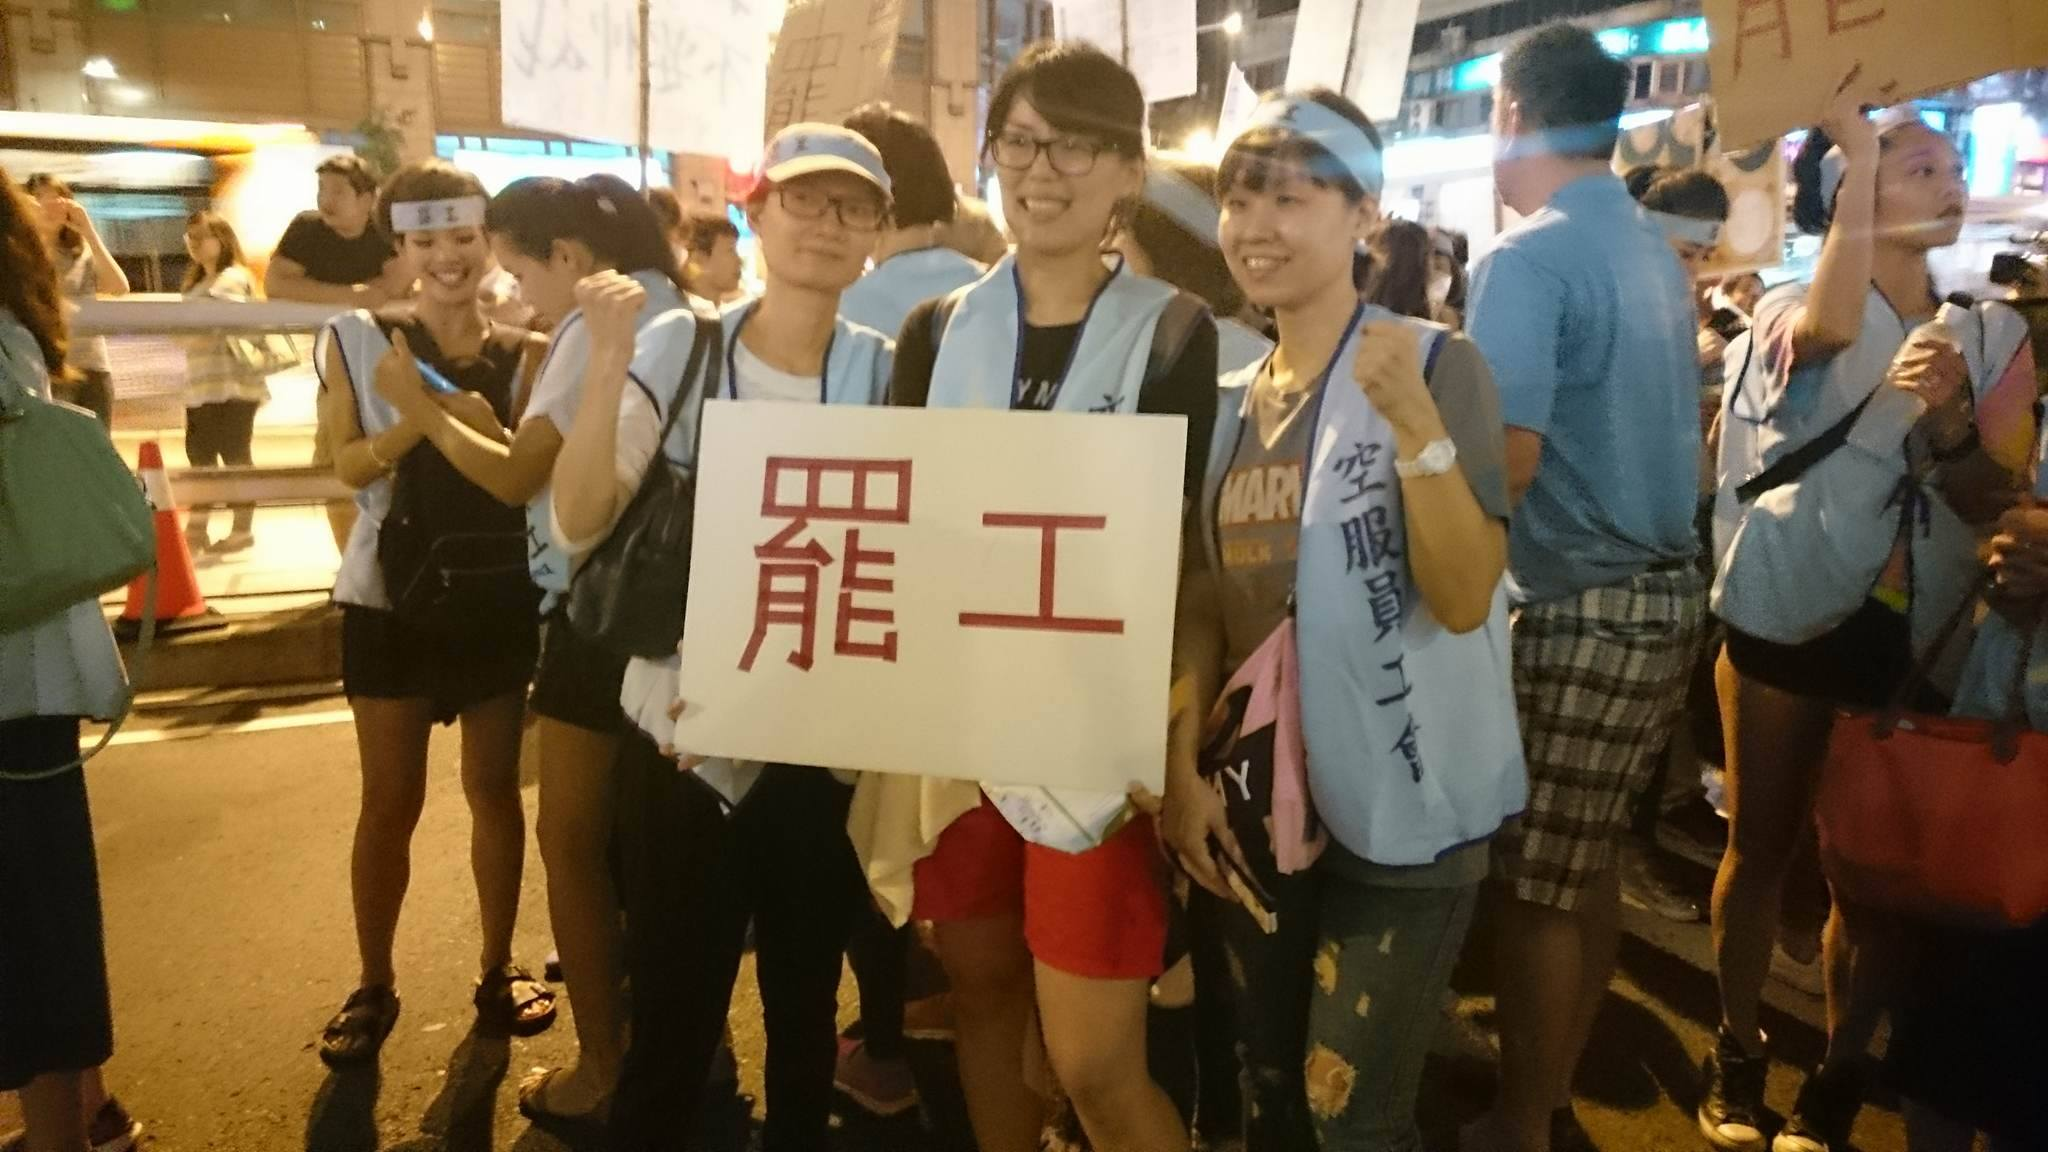 【聲明】罷工是給全臺灣社會的一堂勞動教育課!高教工會力挺華航空服員罷工聲明   公民行動影音紀錄資料庫